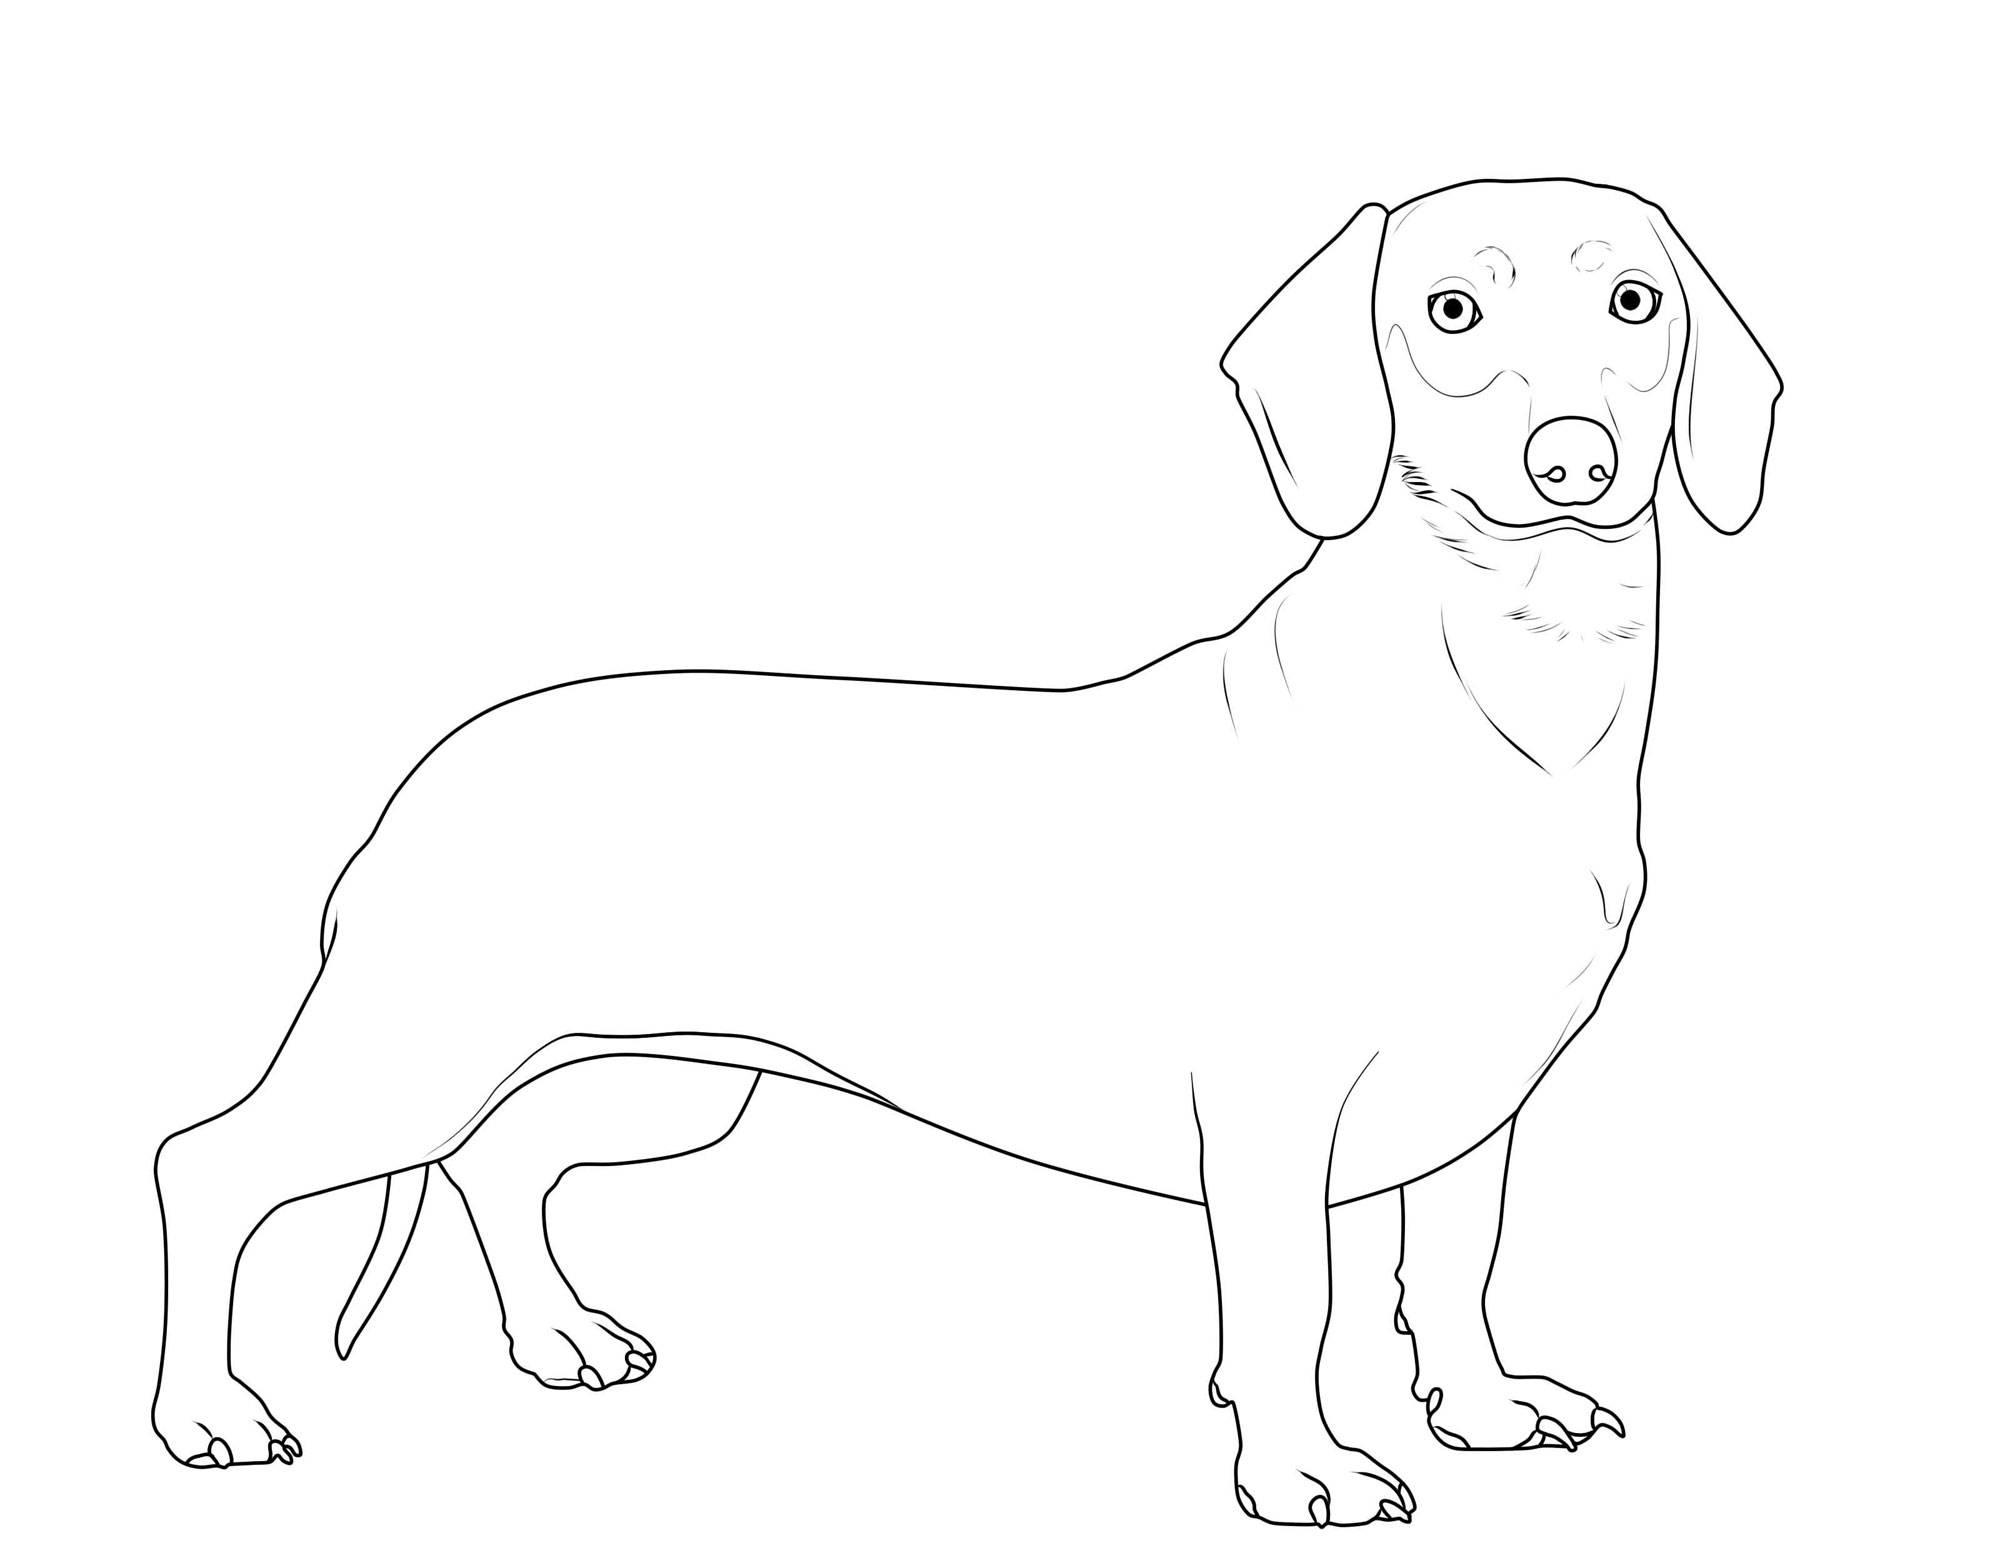 Hunde Ausmalbilder Kostenlos - Kinder zeichnen und ausmalen